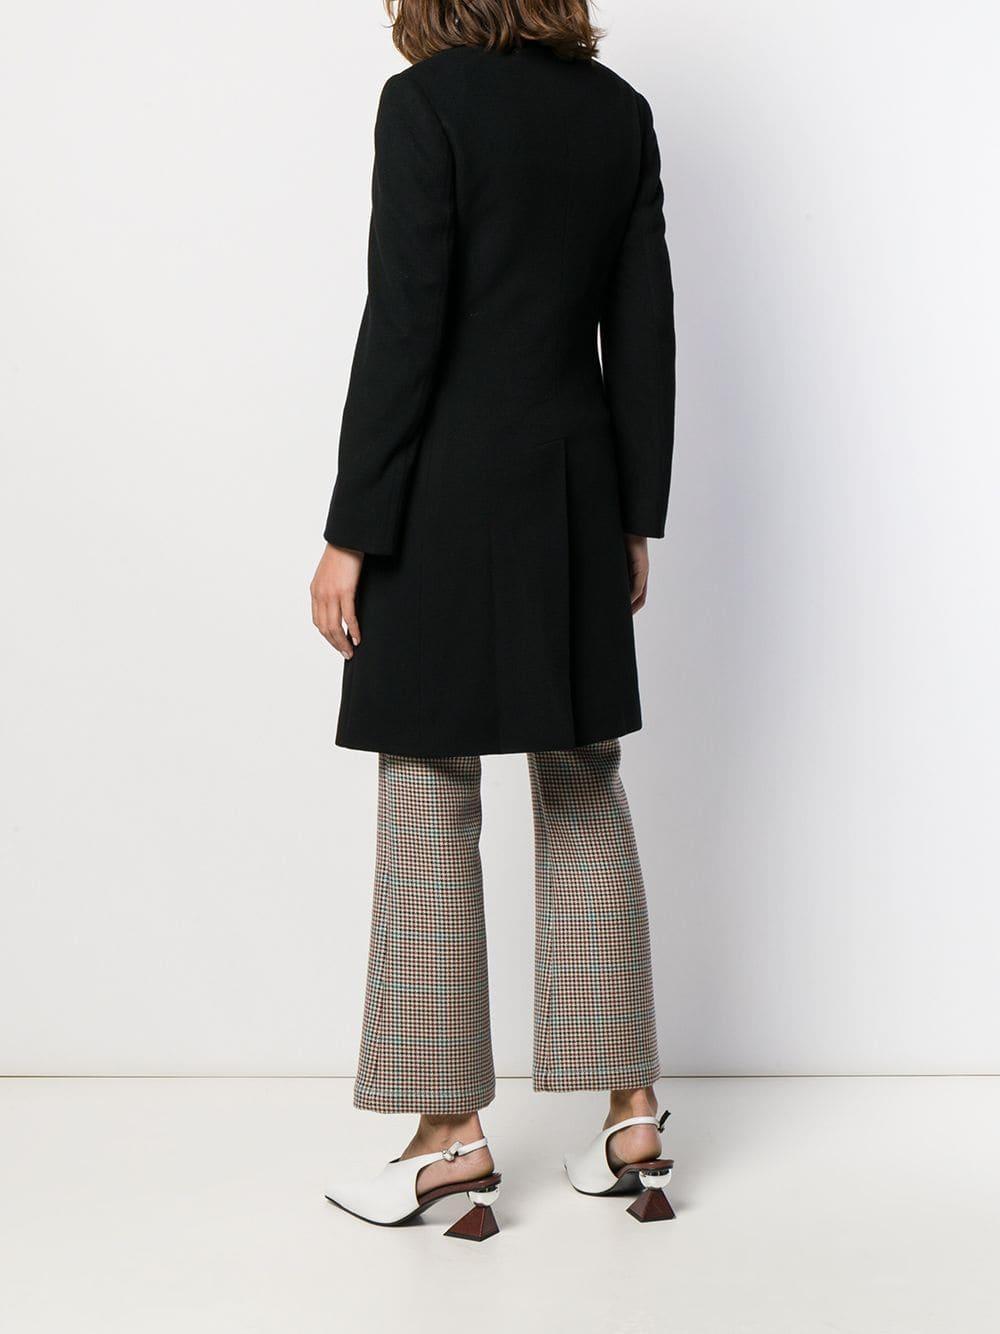 Manteau droit classique Laines Tagliatore en coloris Noir f7g3d